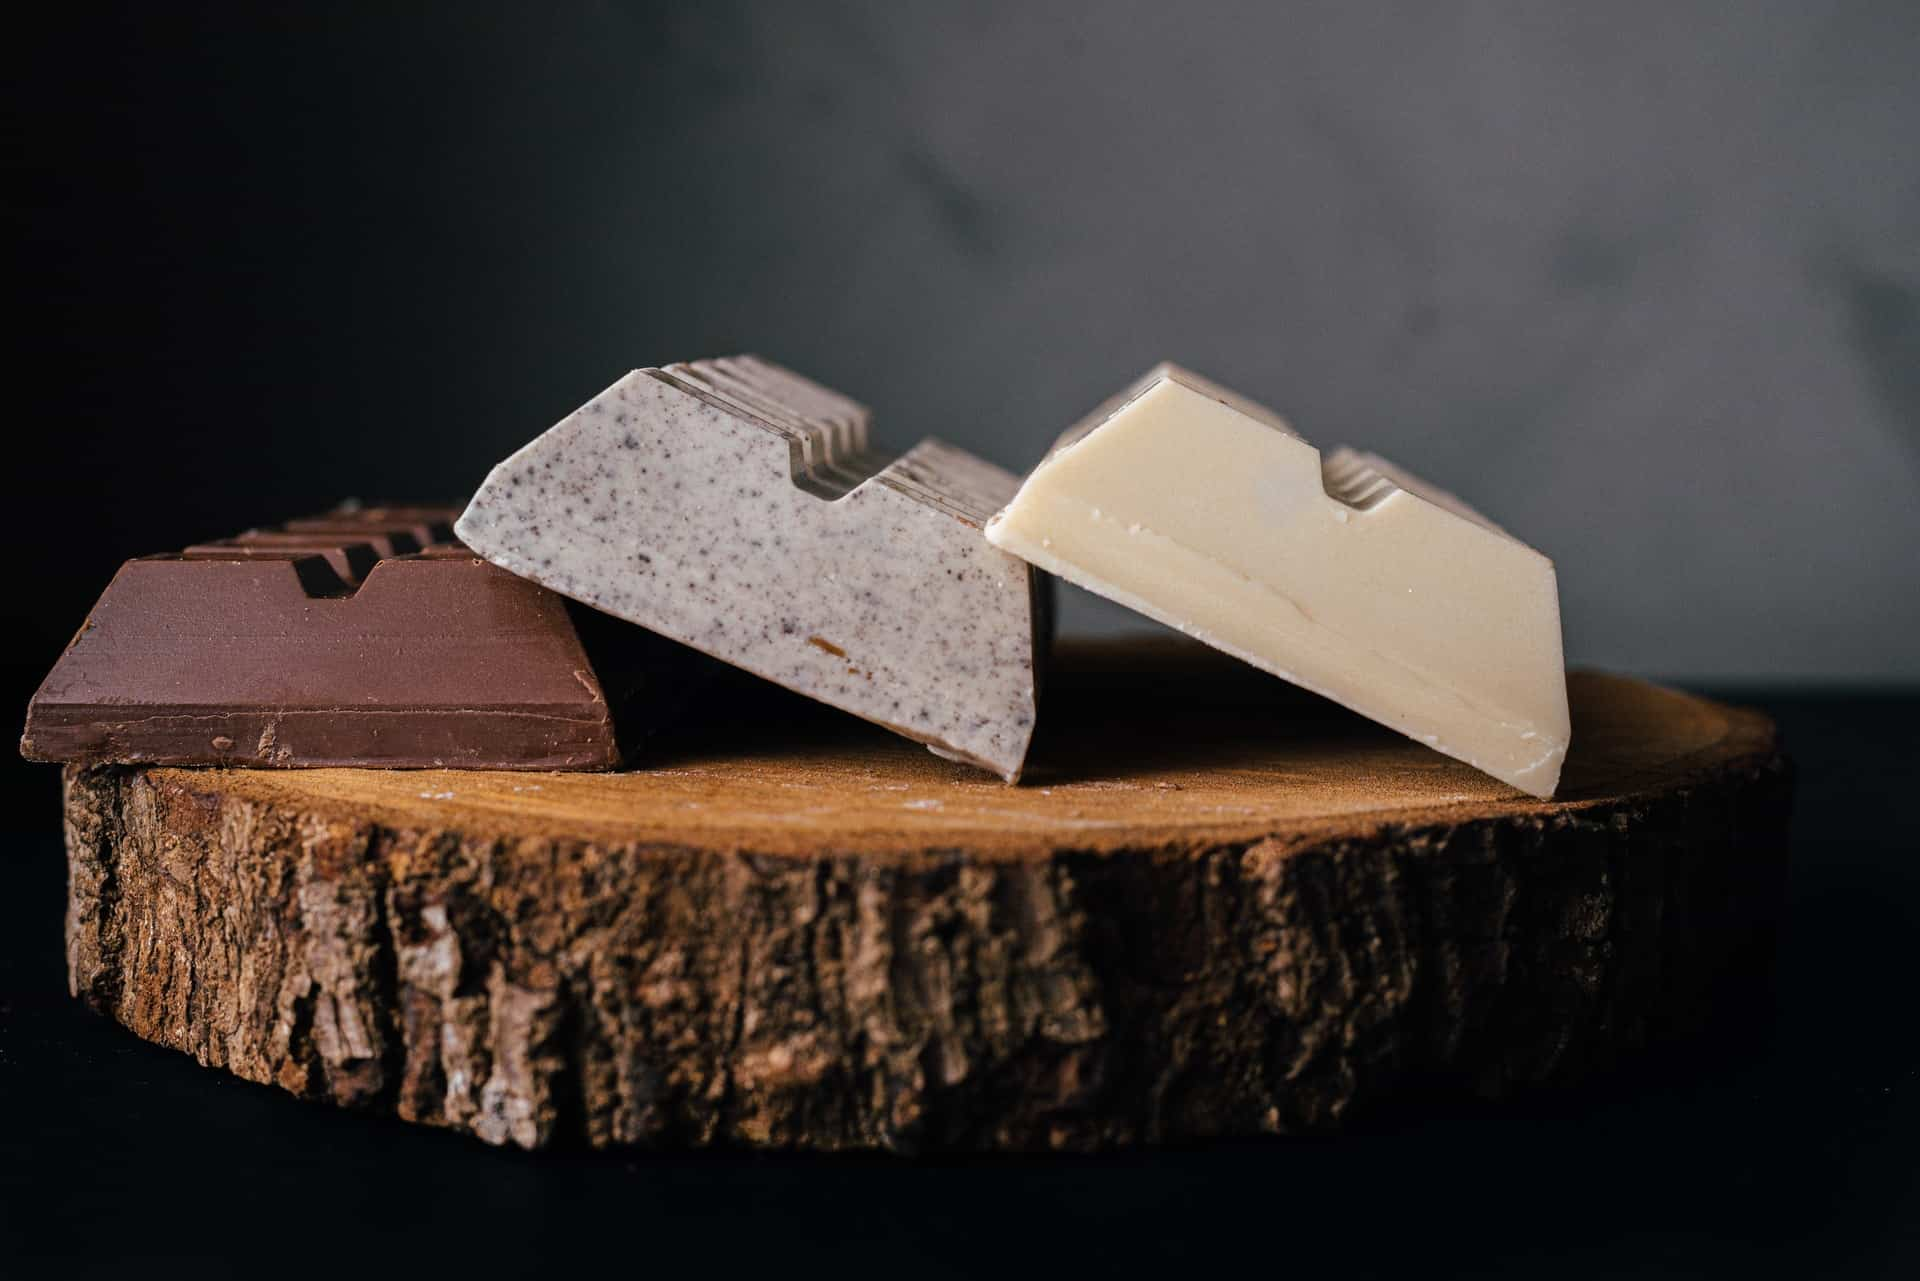 Día Internacional del Chocolate: el poder del chocolate como aliado para la vuelta a la rutina